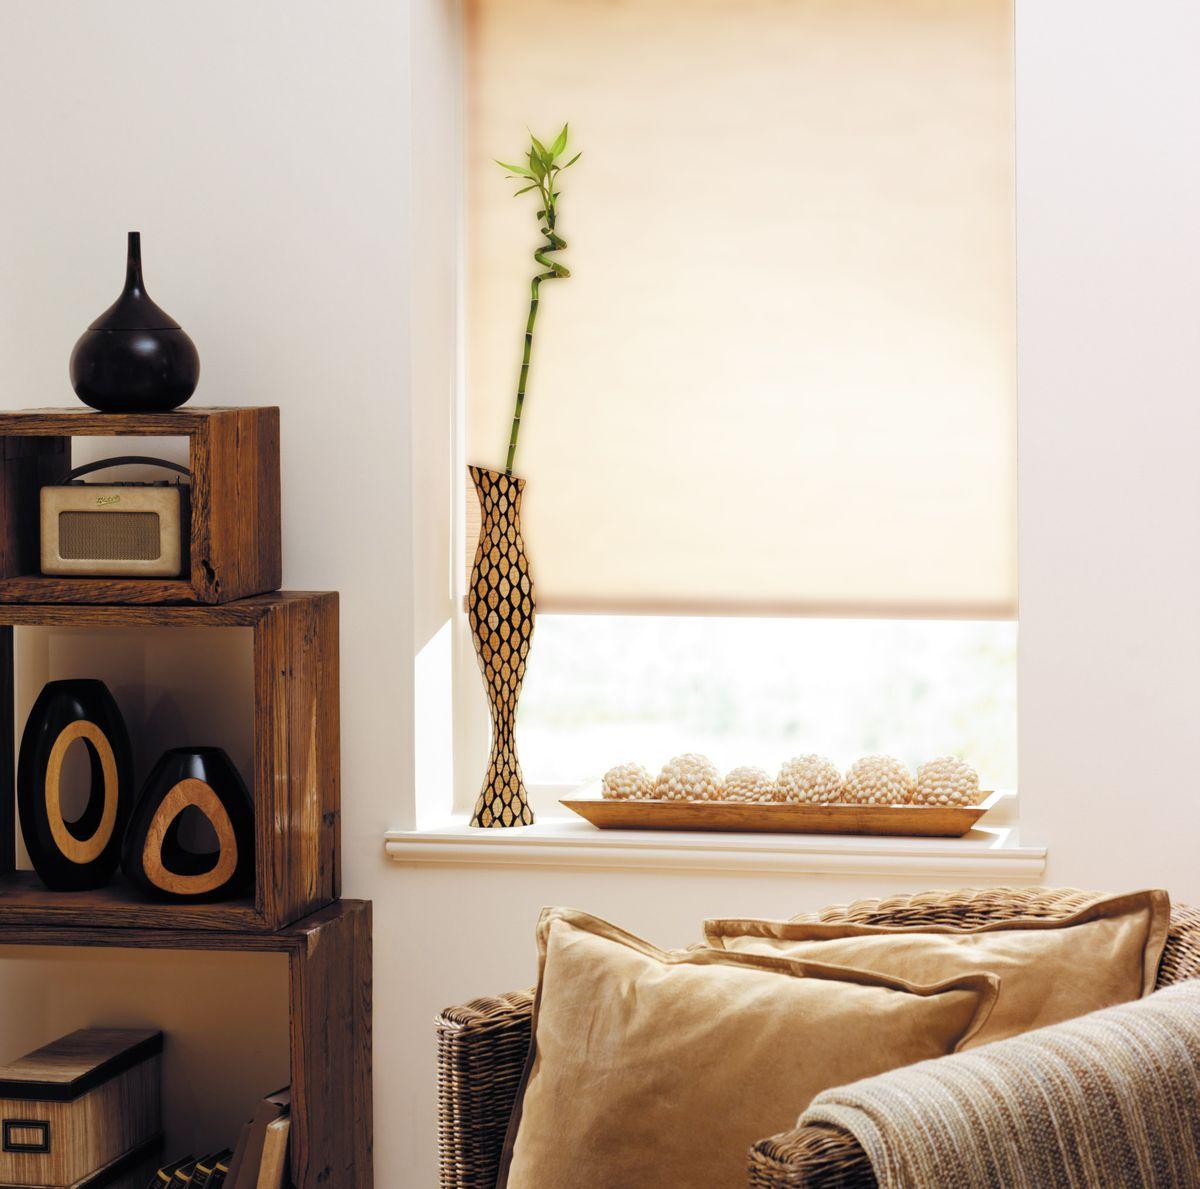 Штора рулонная для балконной двери Эскар Миниролло. Однотонные, цвет: бежевый лен, ширина 62 см, высота 215 см30409062215Рулонная штора Эскар Миниролло выполнена из высокопрочной ткани, которая сохраняет свой размер даже при намокании. Ткань не выцветает и обладает отличной цветоустойчивостью.Миниролло - это подвид рулонных штор, который закрывает не весь оконный проем, а непосредственно само стекло. Такие шторы крепятся на раму без сверления при помощи зажимов или клейкой двухсторонней ленты (в комплекте). Окно остается на гарантии, благодаря монтажу без сверления. Такая штора станет прекрасным элементом декора окна и гармонично впишется в интерьер любого помещения.